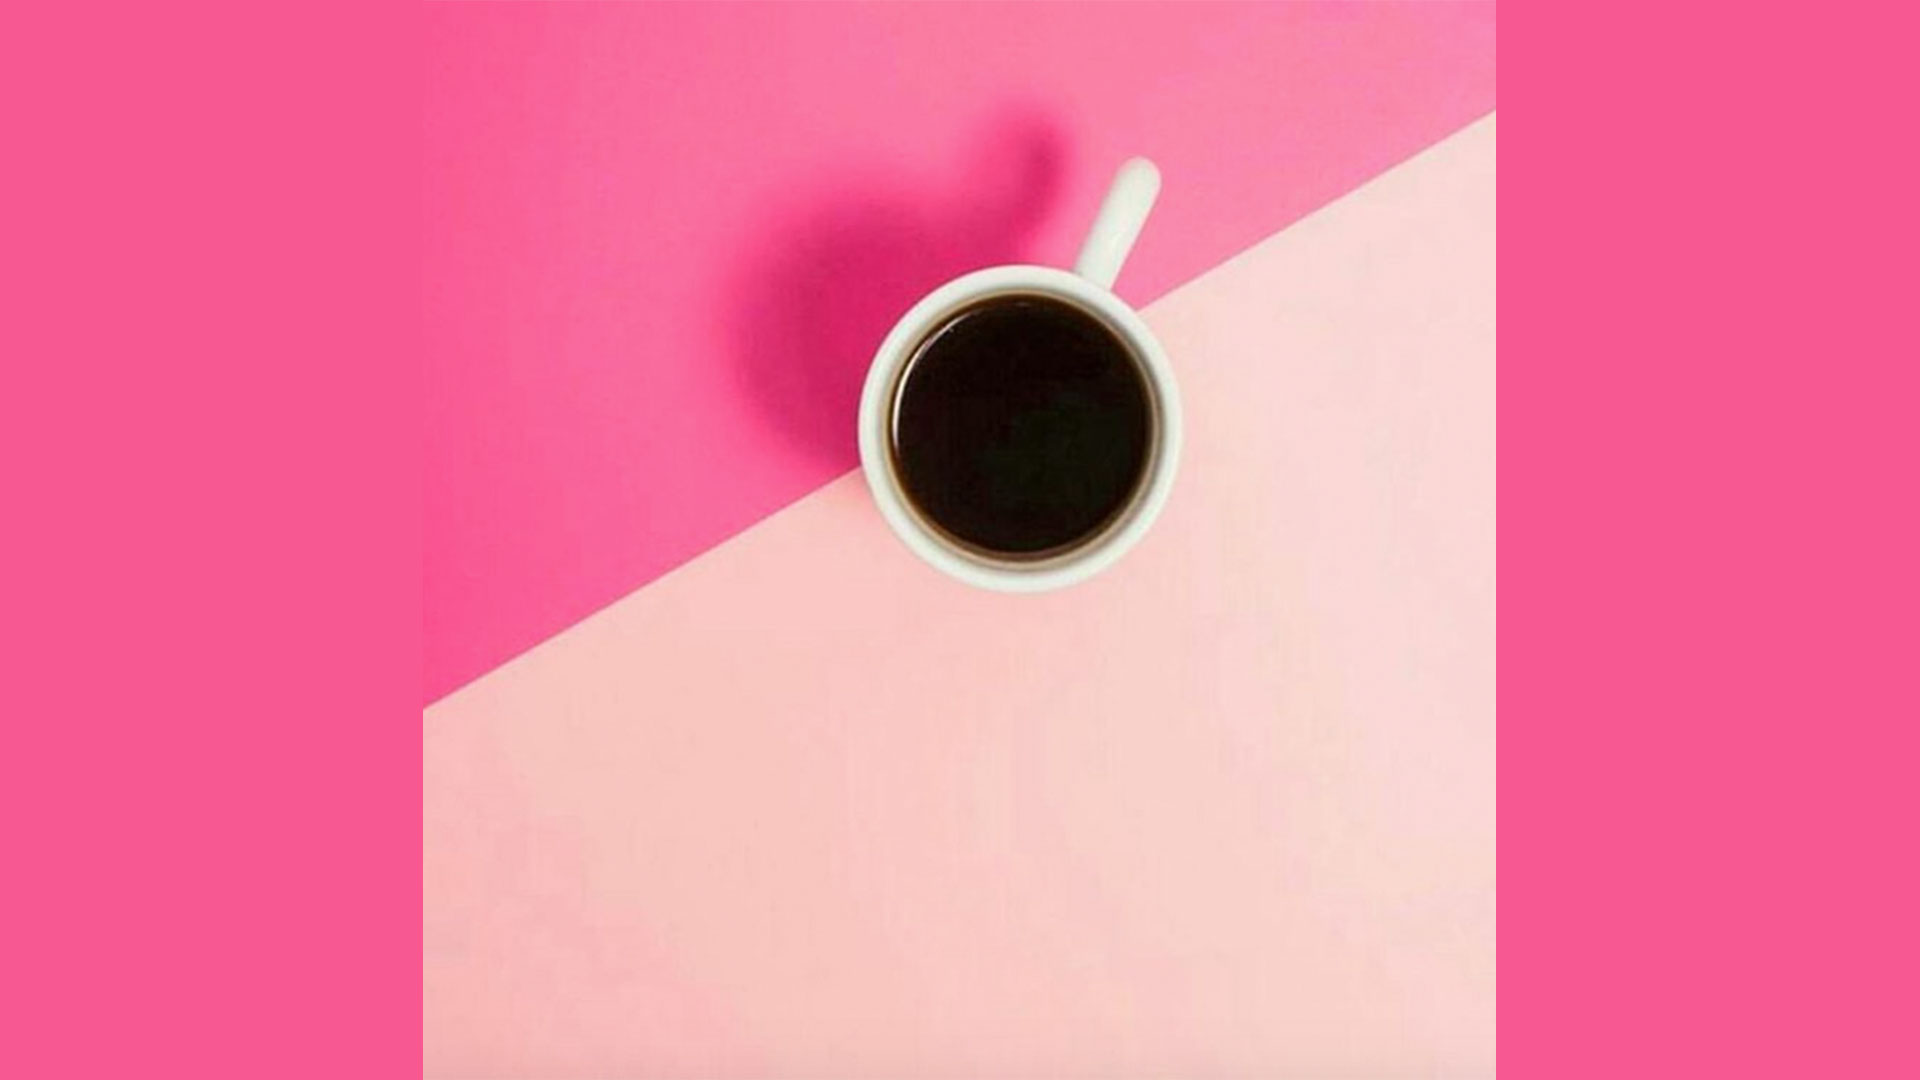 なぜスペシャルティコーヒーを飲むと健康的に痩せるのか?